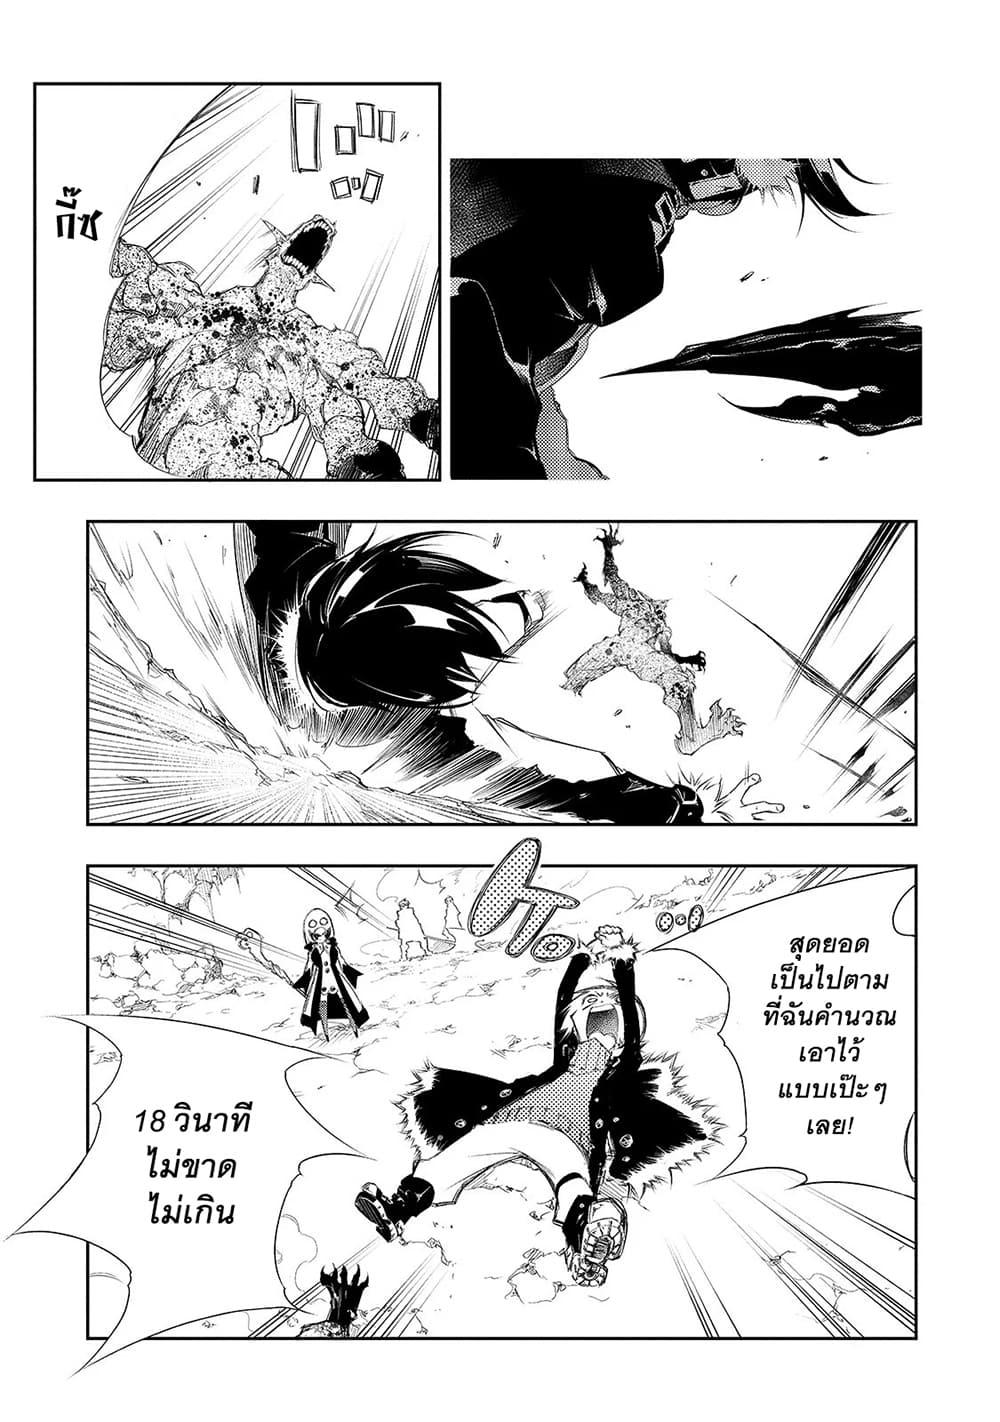 อ่านการ์ตูน Saikyou no Shien-shoku Wajutsushi Dearu Ore wa Sekai Saikyou Kuran o Shitagaeru ตอนที่ 2 หน้าที่ 42